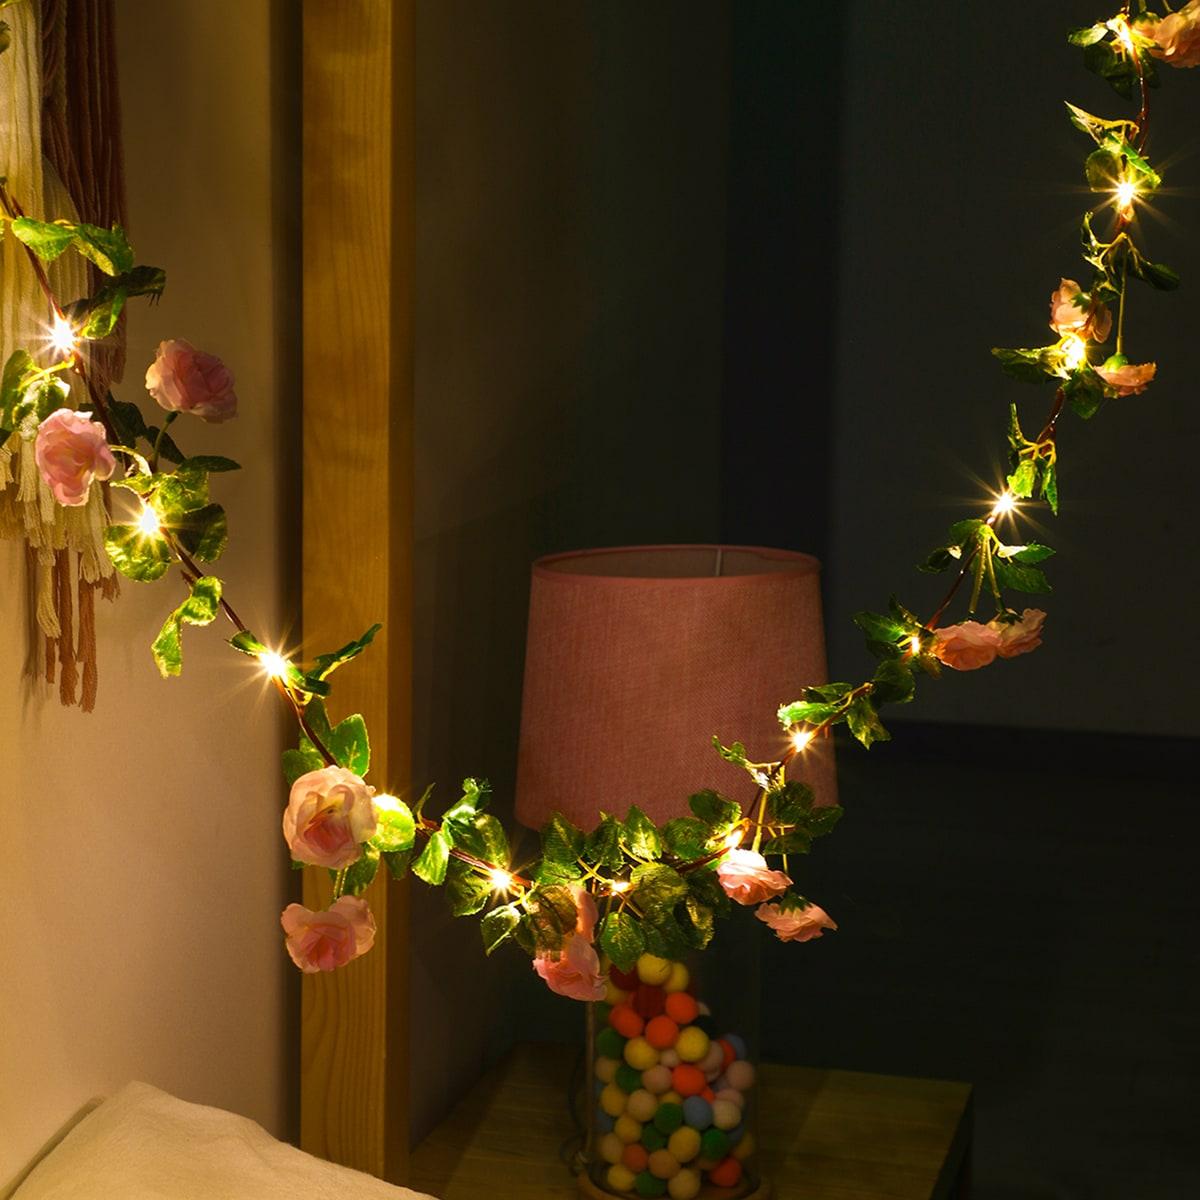 SHEIN / 1 Stück Lichterkette mit künstlicher Rose & 20 Stücke Glühbirnen